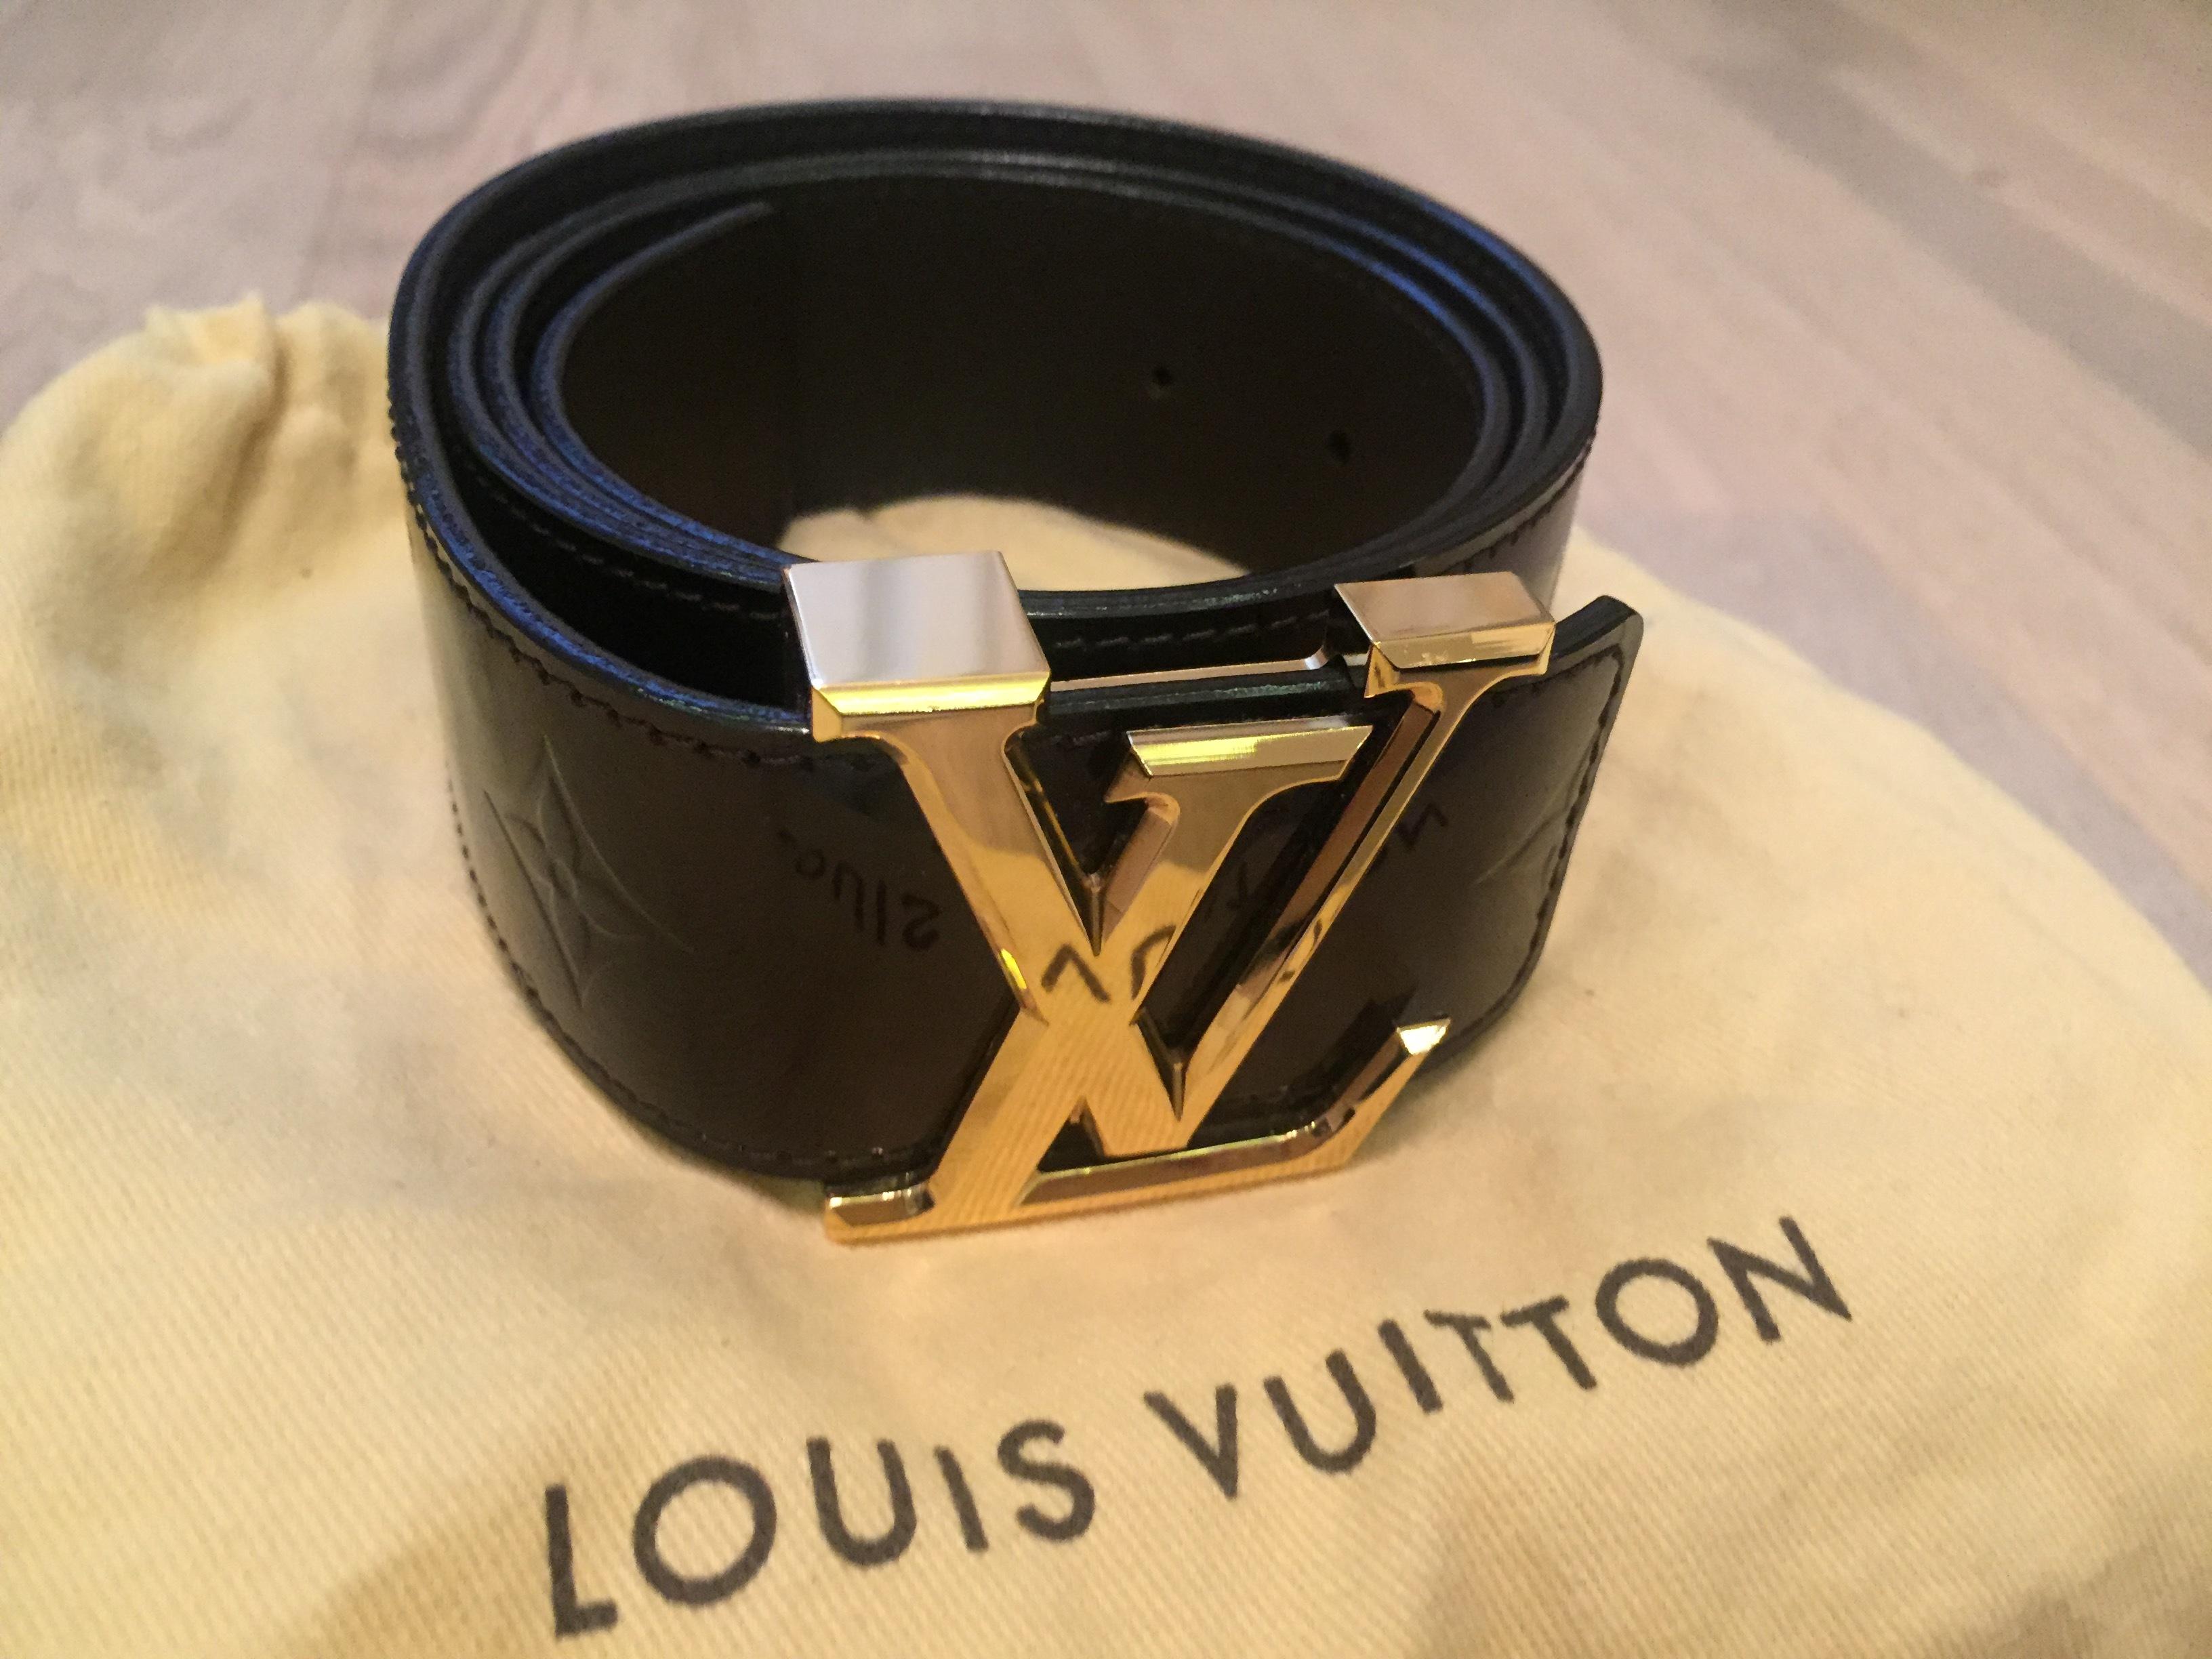 Купить ремень, пояс Louis Vuitton за 13500 руб. в интернет магазине ... c29a855a83c